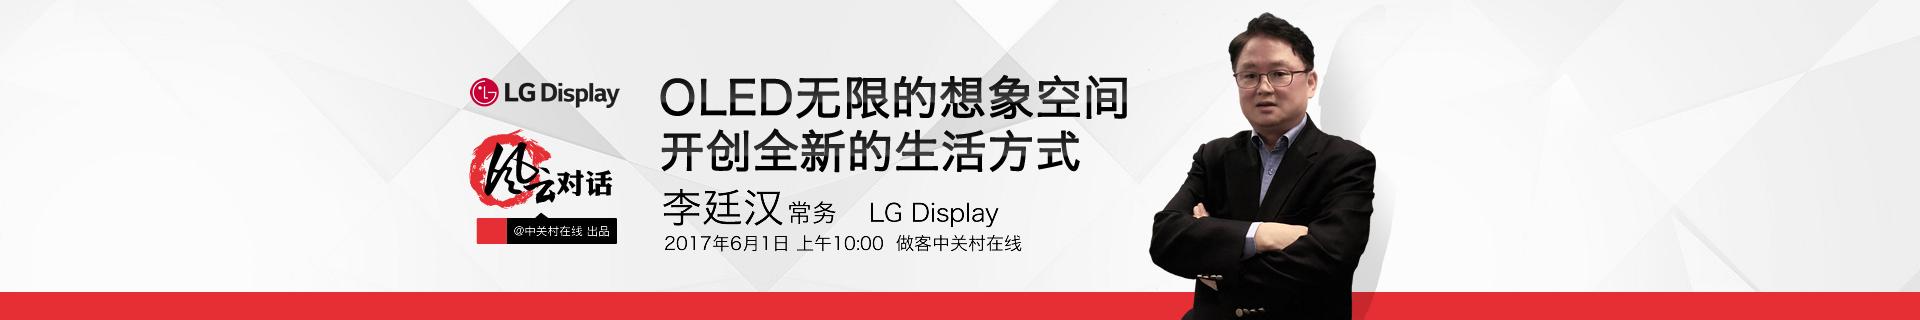 2017电视风云录 专访LG Display李廷汉常务